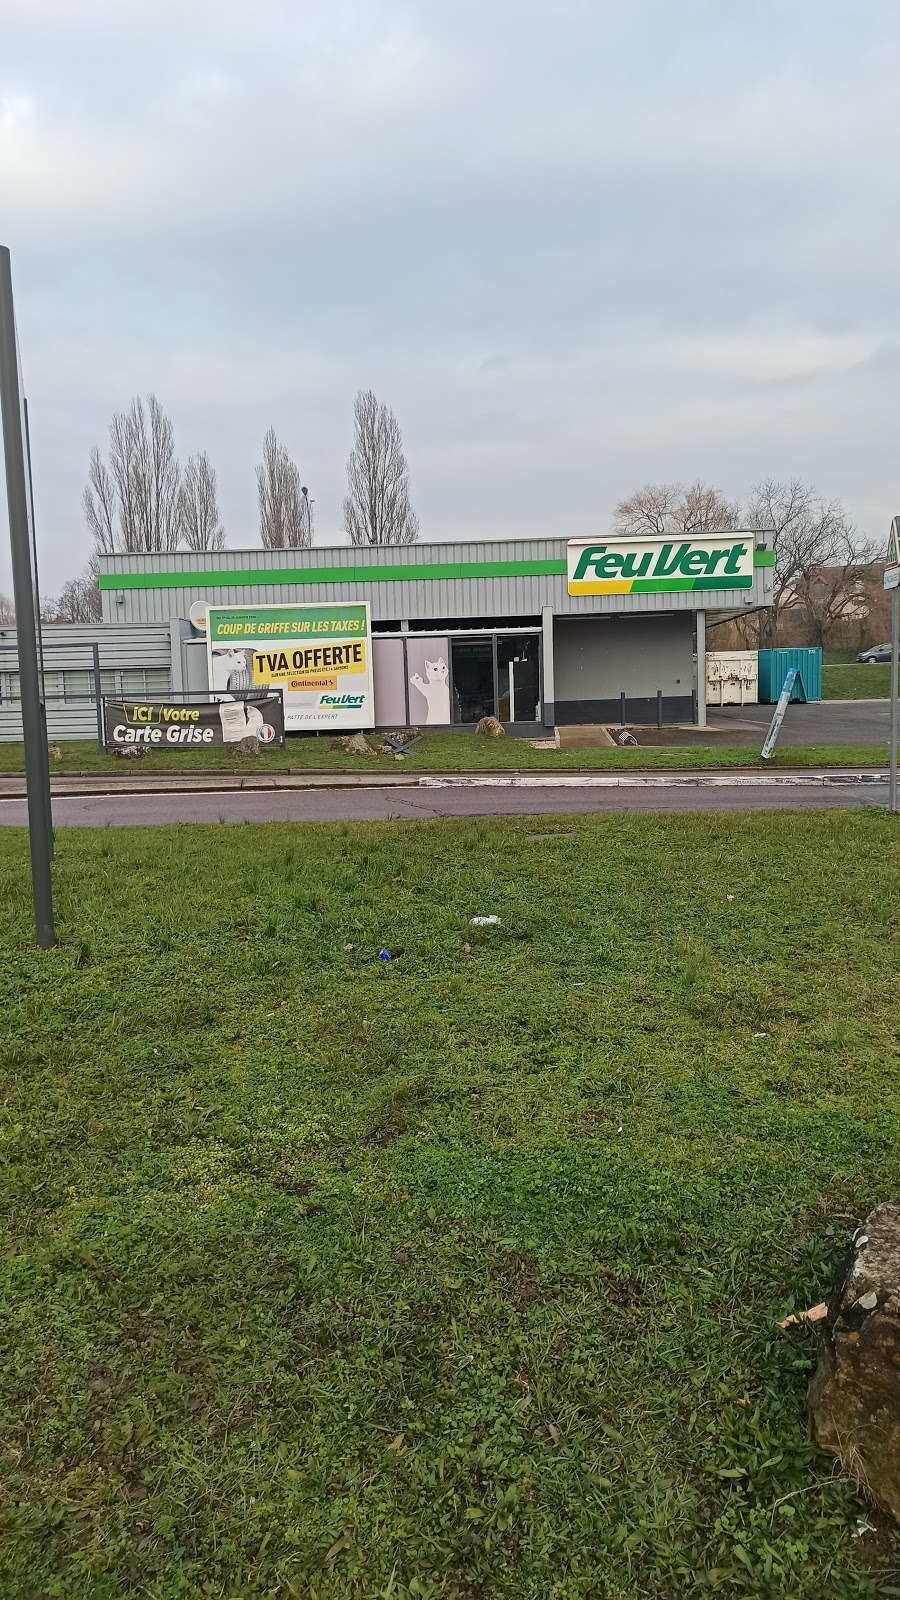 Centre Feu Vert Chalon Sur Saone Geant Chalon Sur Saone Voir Les 182 Avis